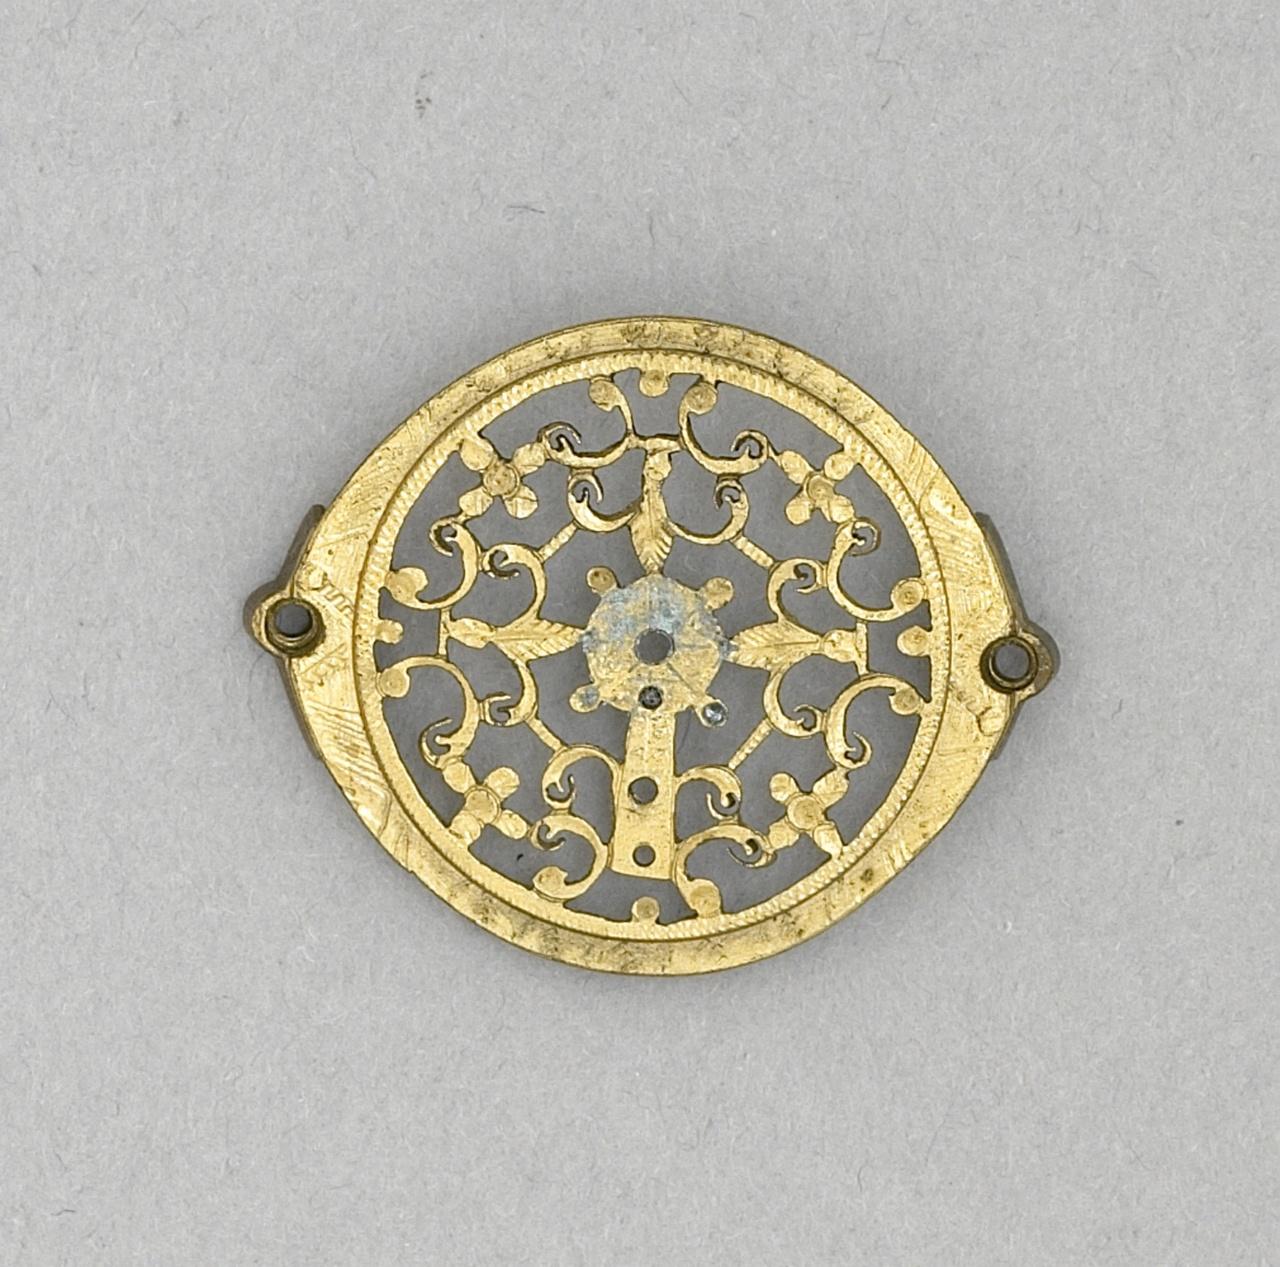 Vergulde koperen rondjes/versierselen met bevestigingspunten - broche met blauw steentje - vermaakt tot broche